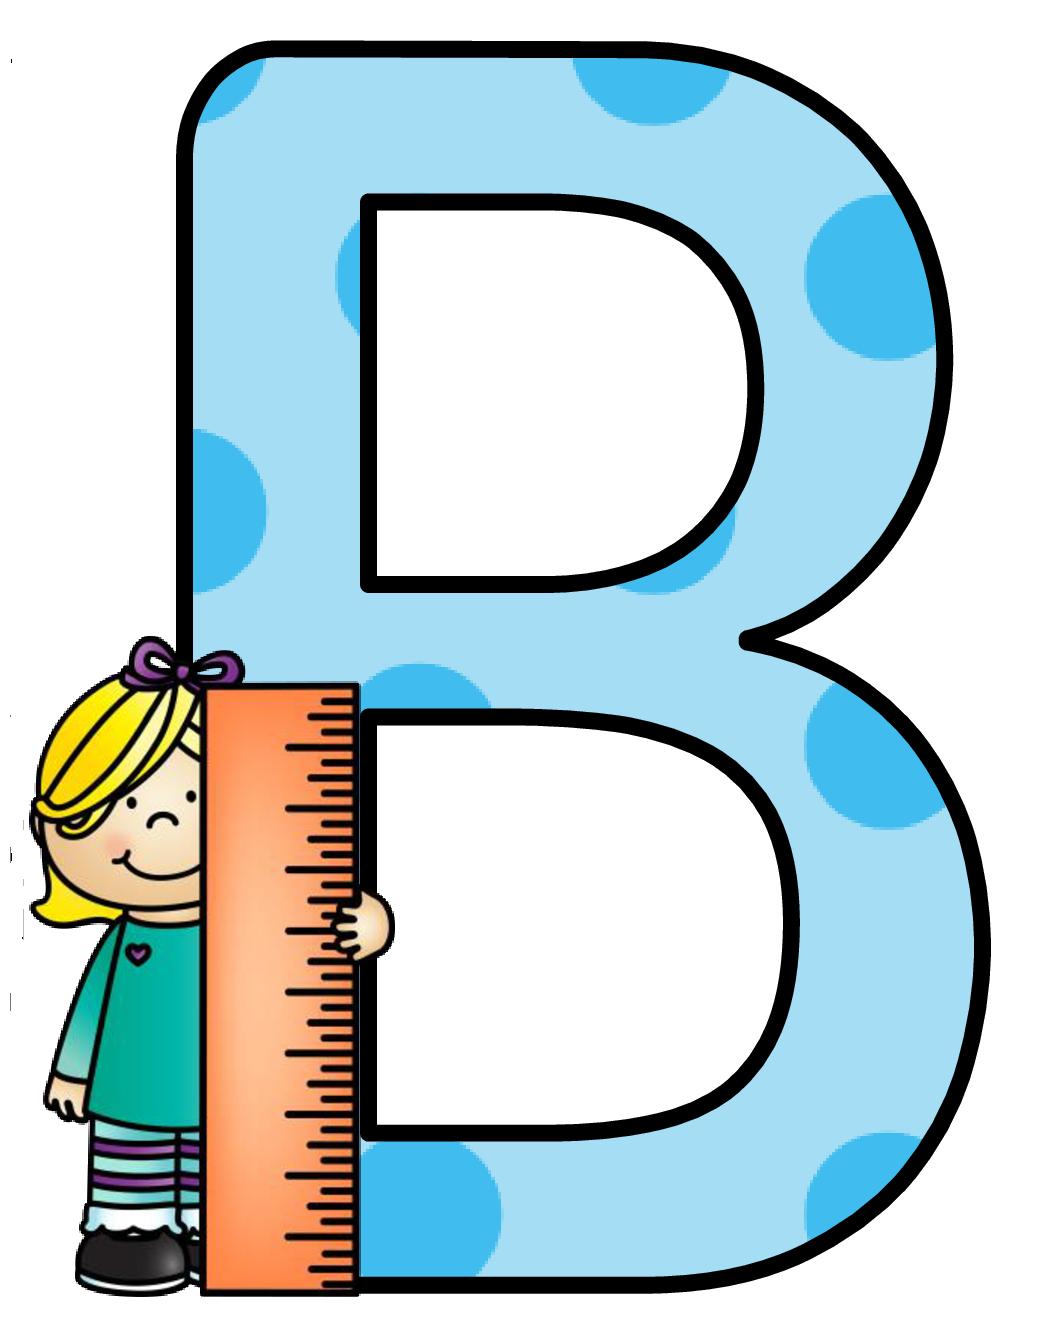 Clipart alphabet letters for kids. Ch b alfabeto escolar